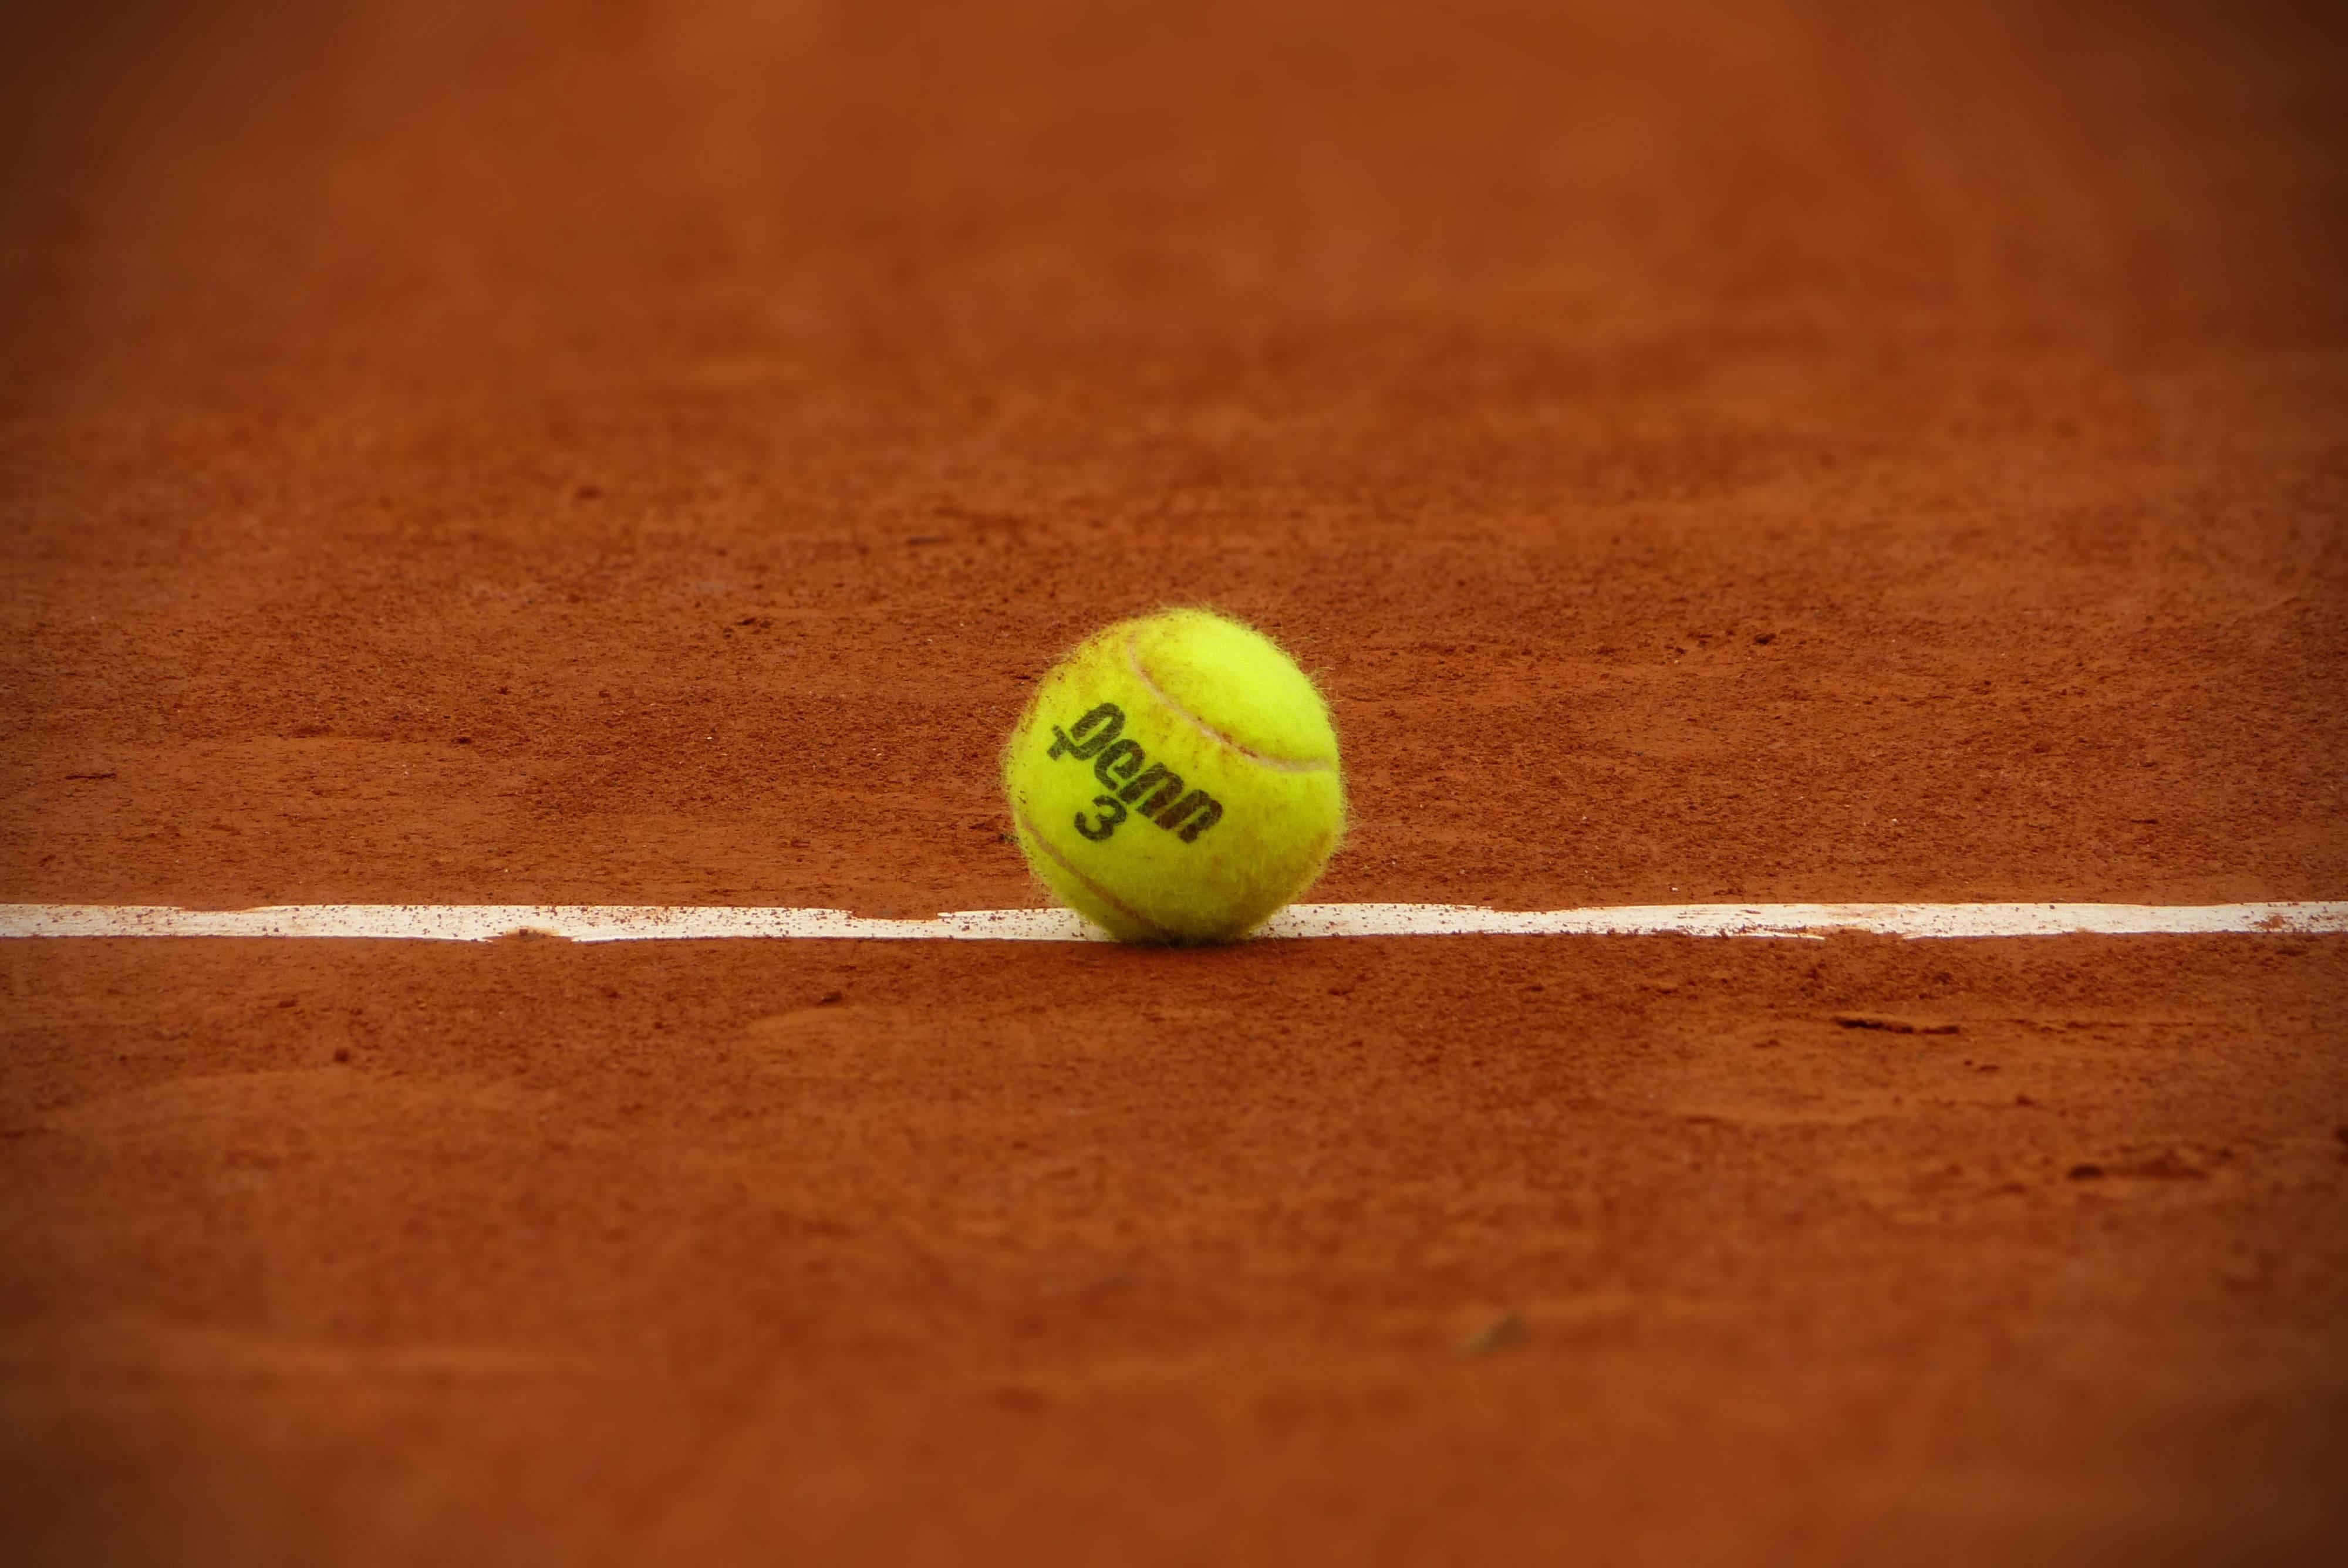 Tennis Wallpaper 1280x1024 Wallpapersafari